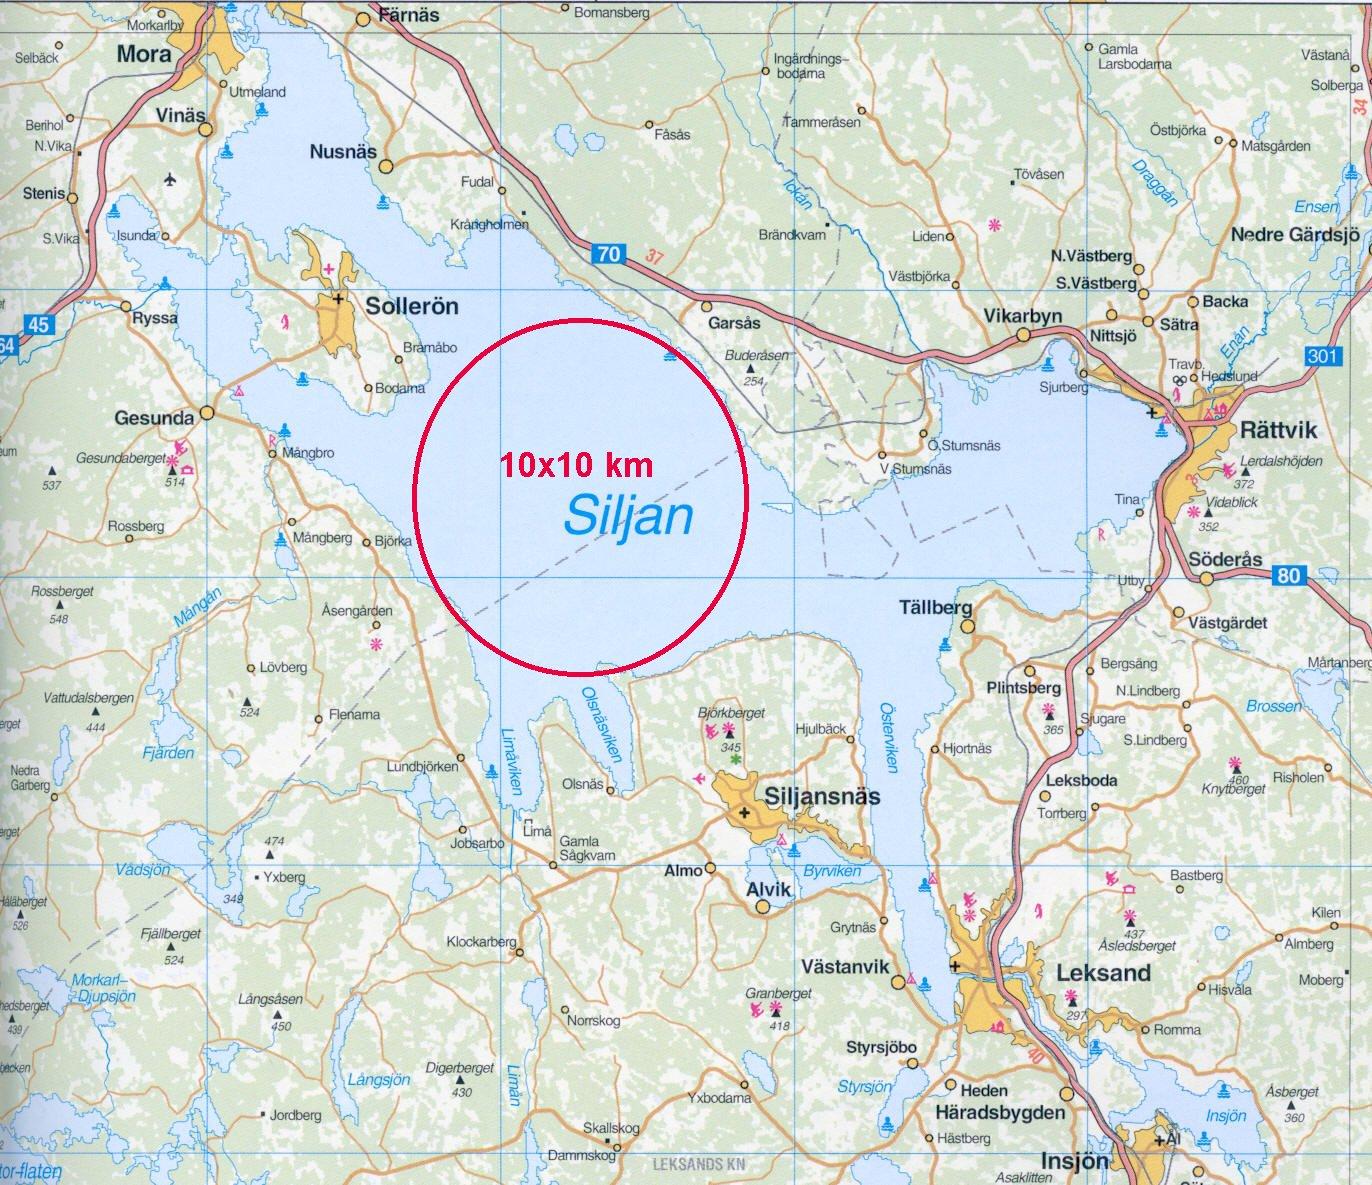 siljan runt karta Slaget om Siljan   det var så här allt började   Hockeyisten siljan runt karta